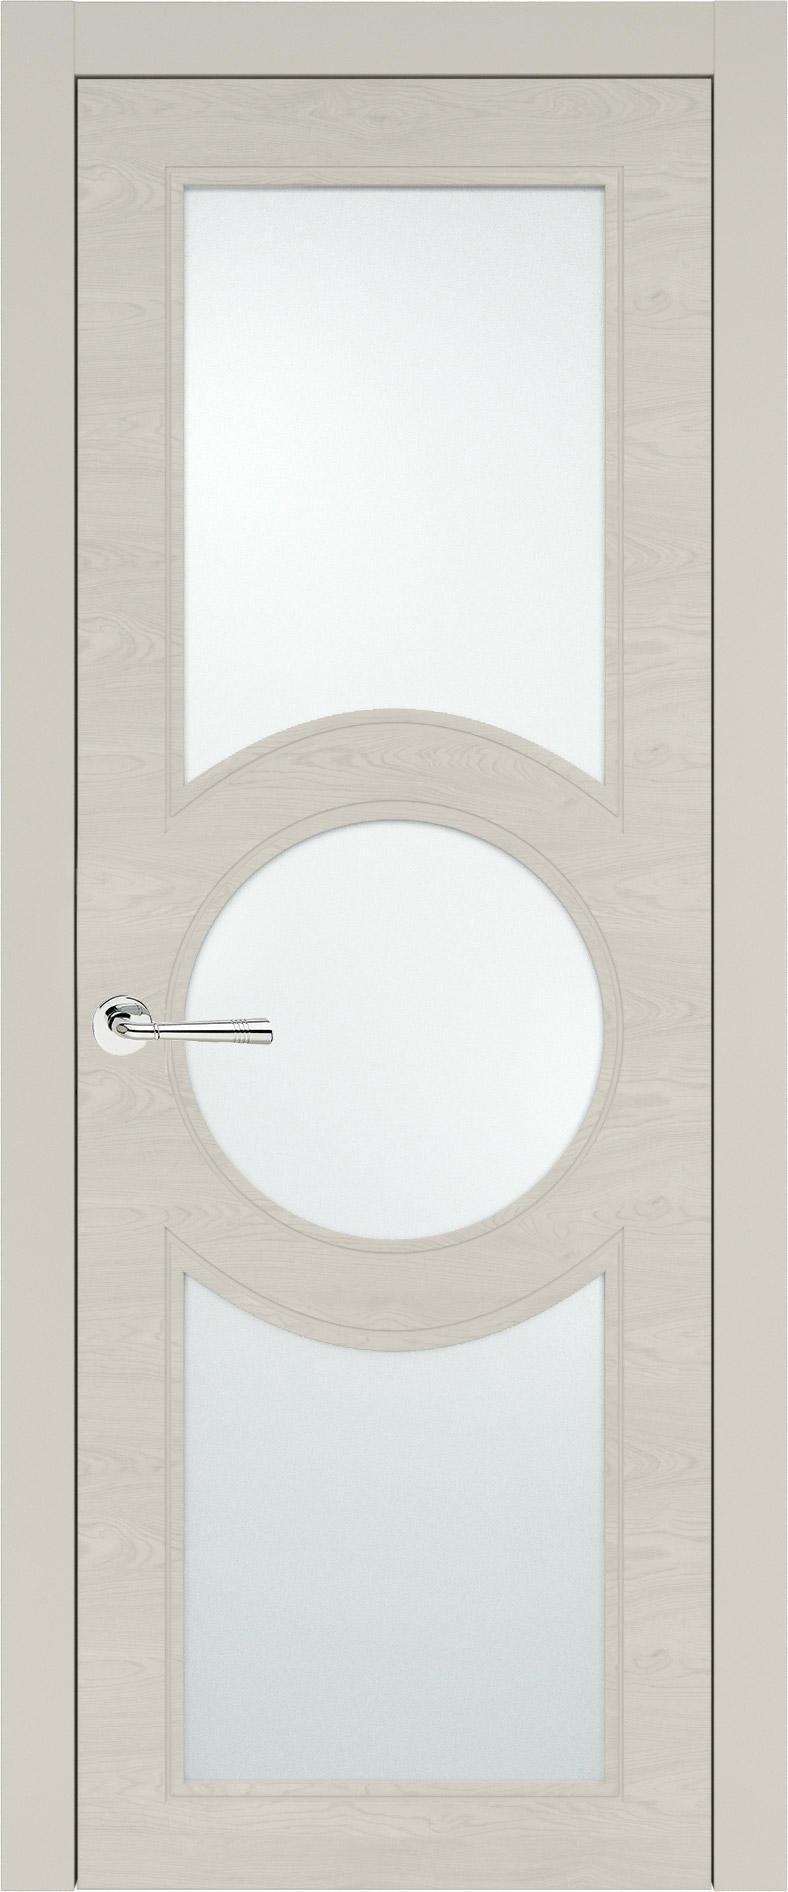 Ravenna Neo Classic цвет - Жемчужная эмаль по шпону (RAL 1013) Со стеклом (ДО)